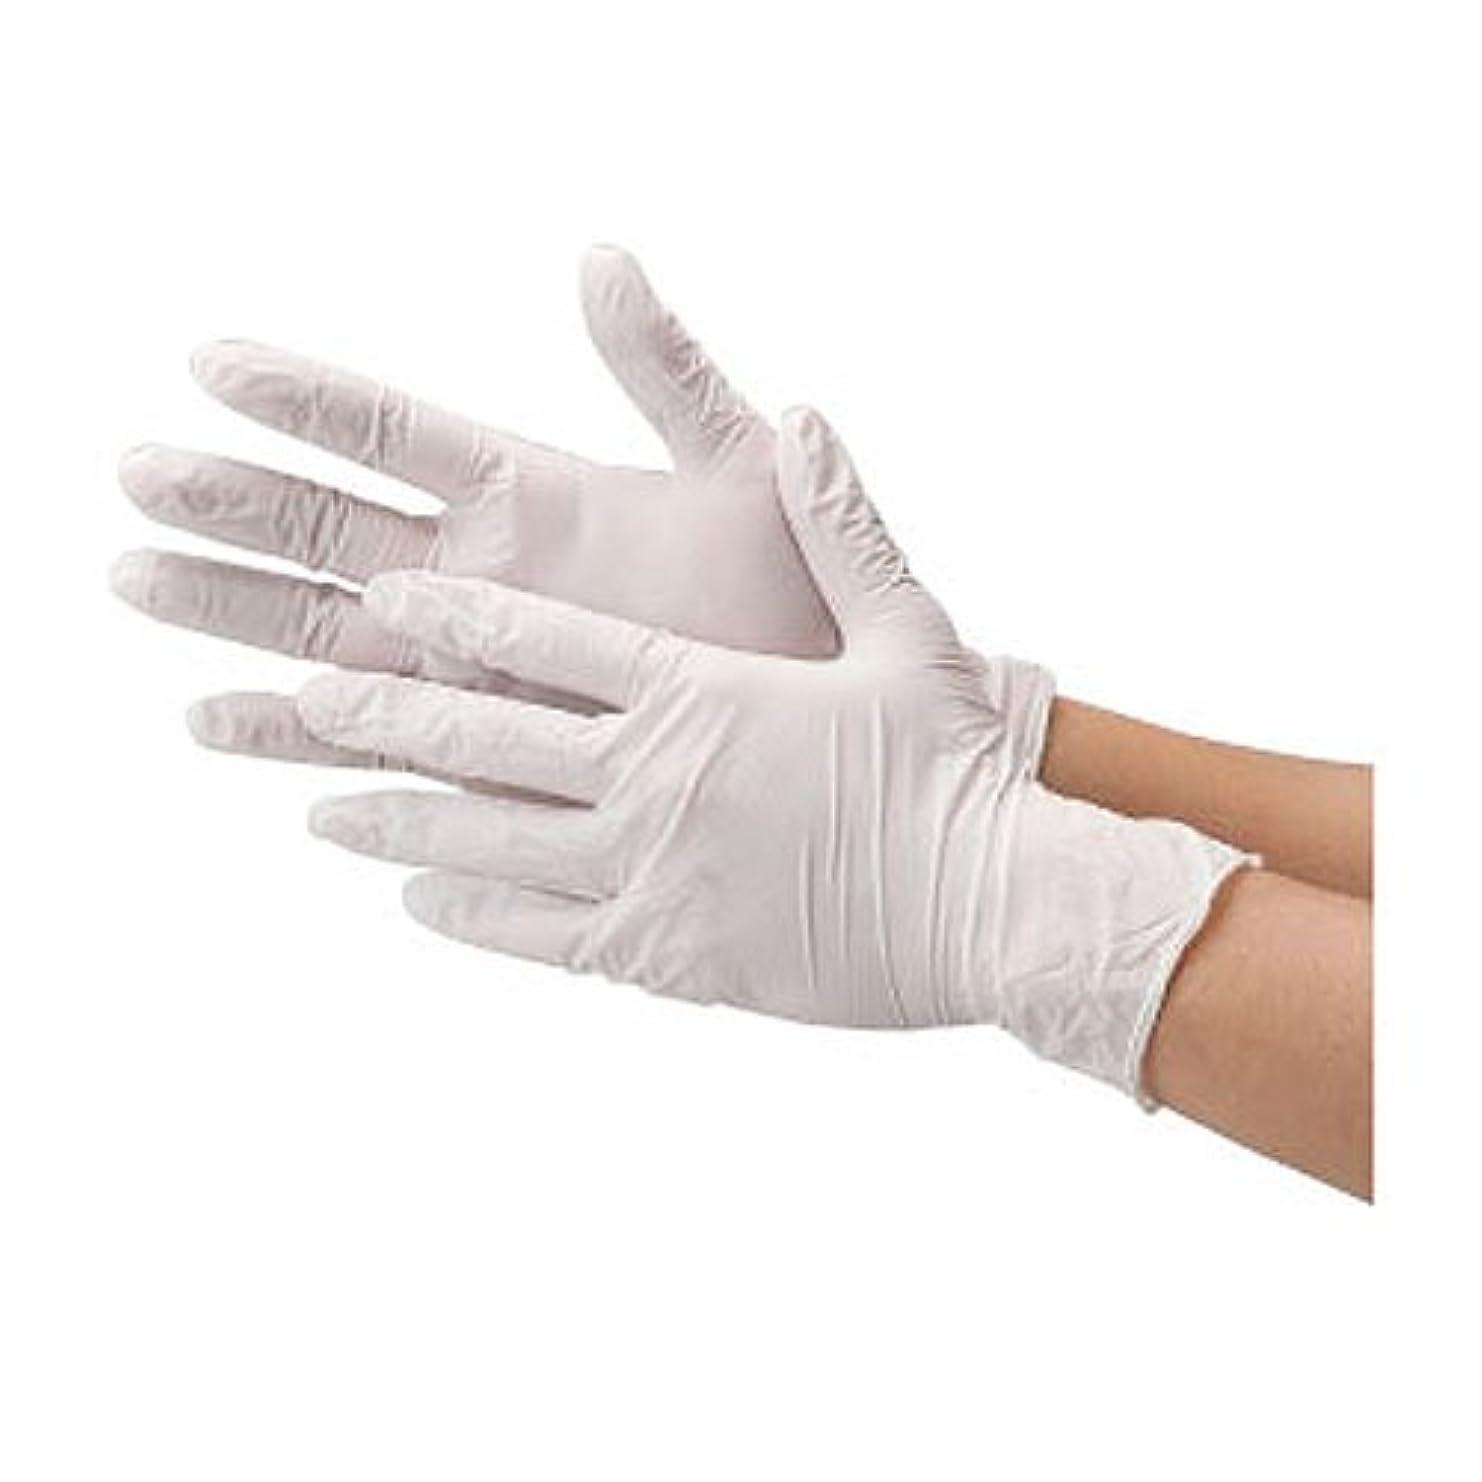 特徴づけるひねくれた辛い川西工業 ニトリル 使いきり手袋 ストロング 粉無 100枚入り 2037 ホワイトS